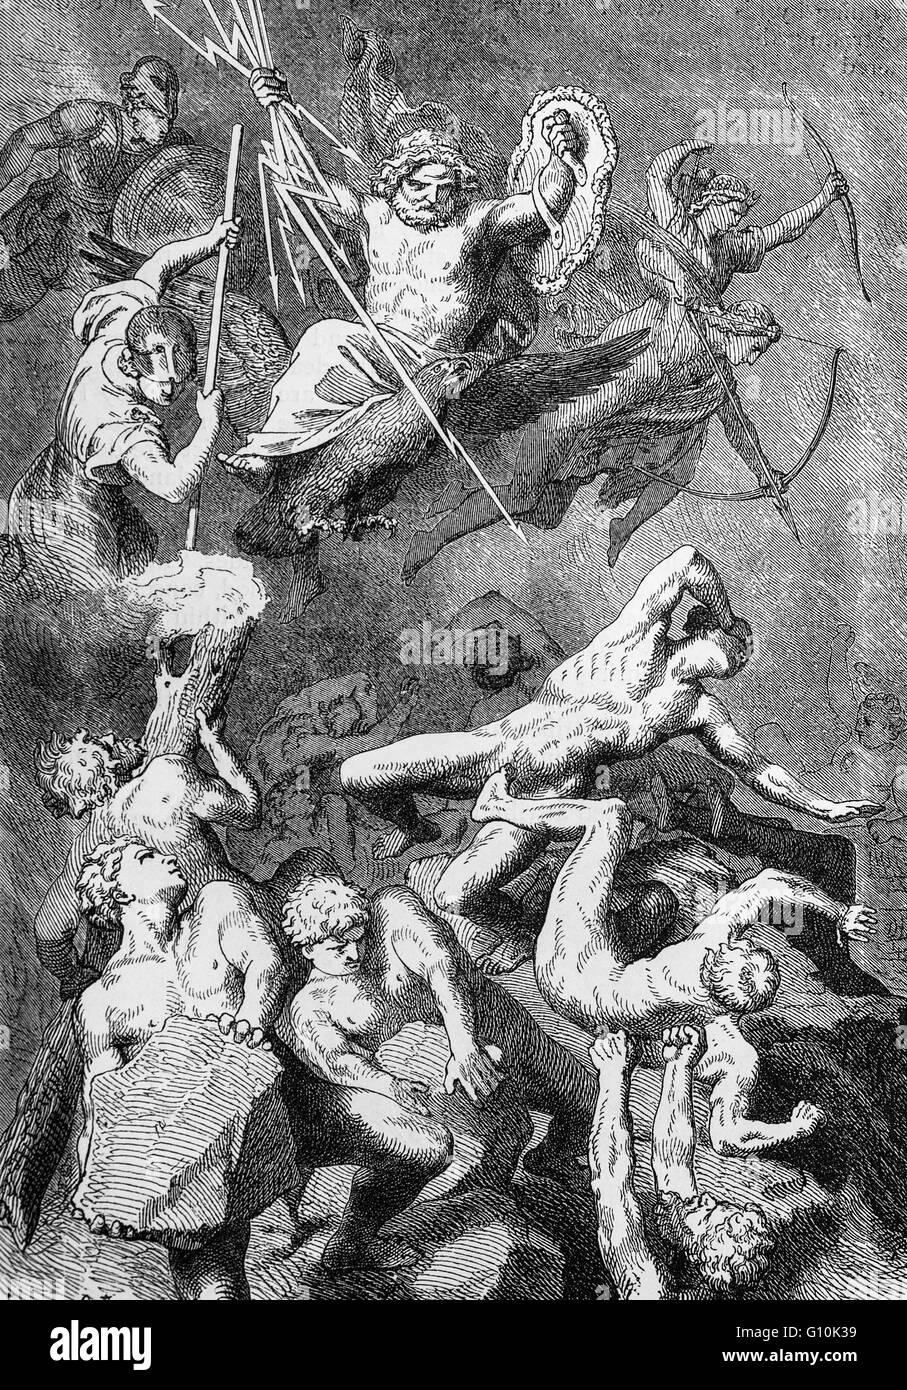 La mitologia greca, il combattimento tra la Divinità e i titani. La Grecia Foto Stock